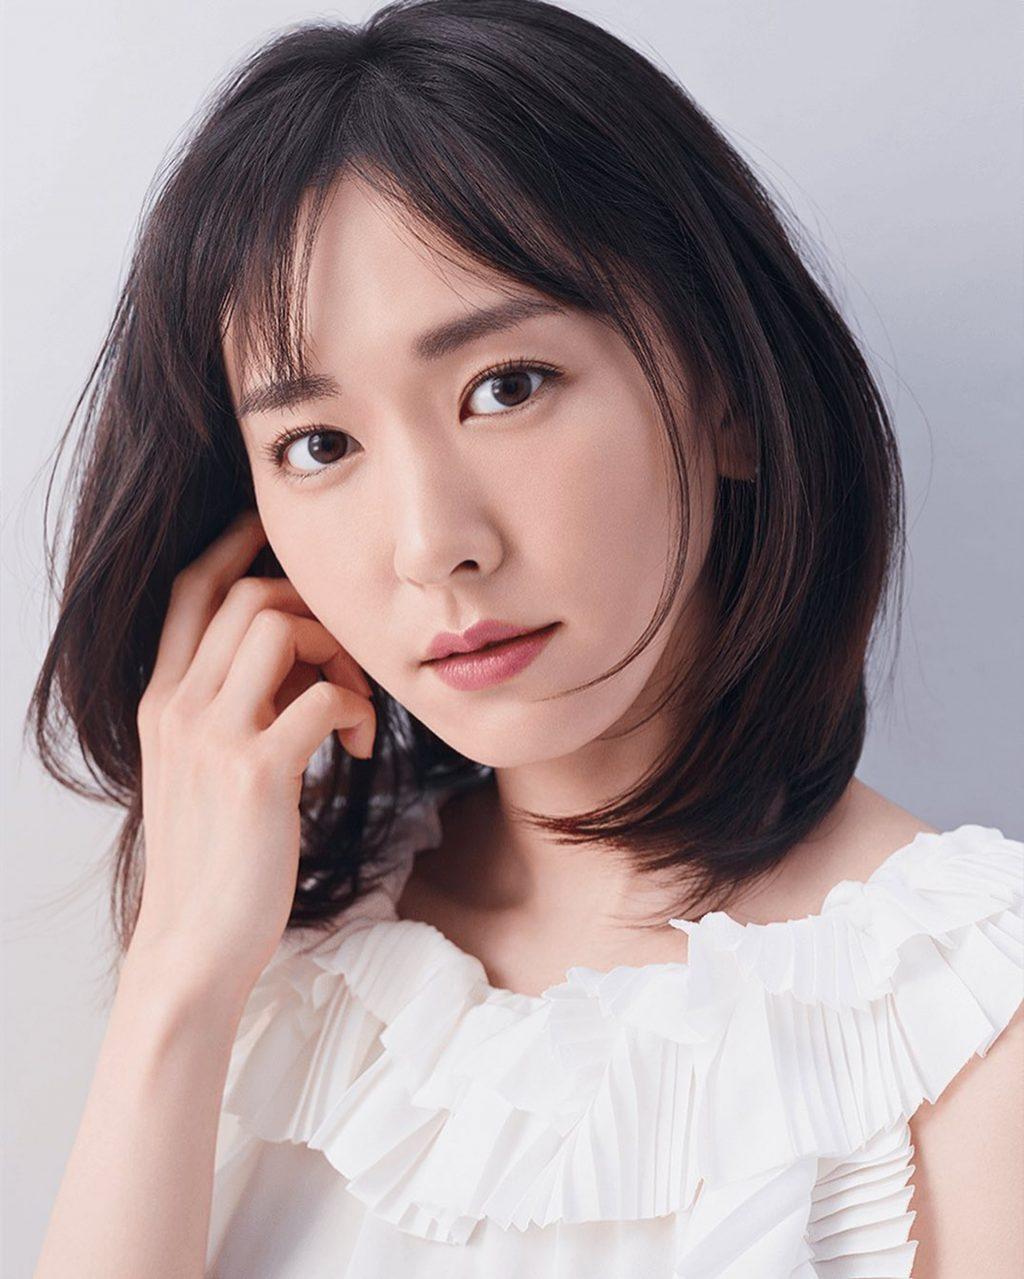 Nữ diễn viên người Nhật Yuri Araraki đẹp thuần khiết